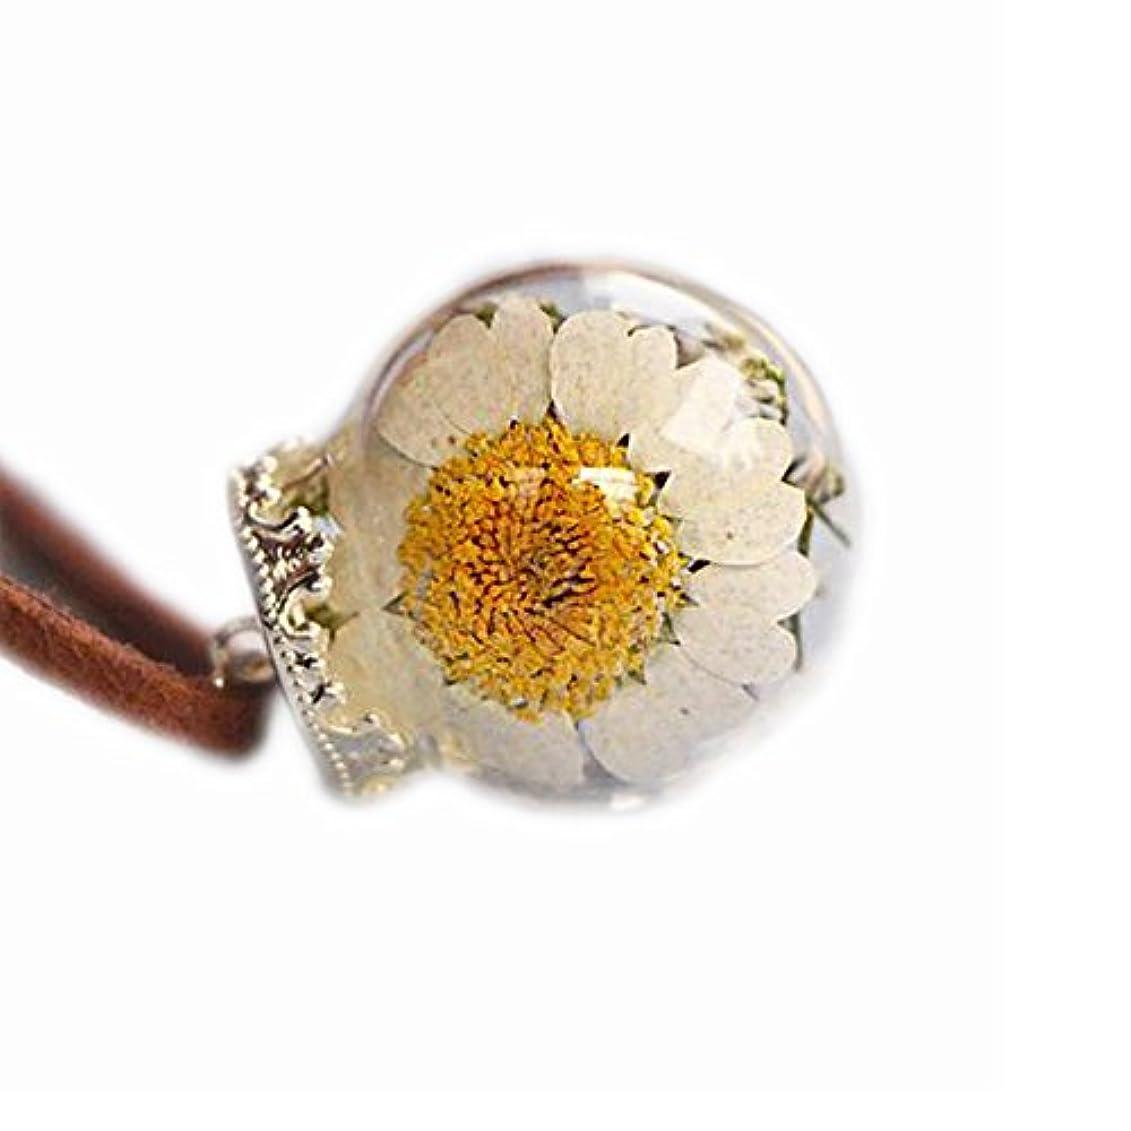 美しい乾燥した花のペンダントネックレス特別なネックレス良いギフト